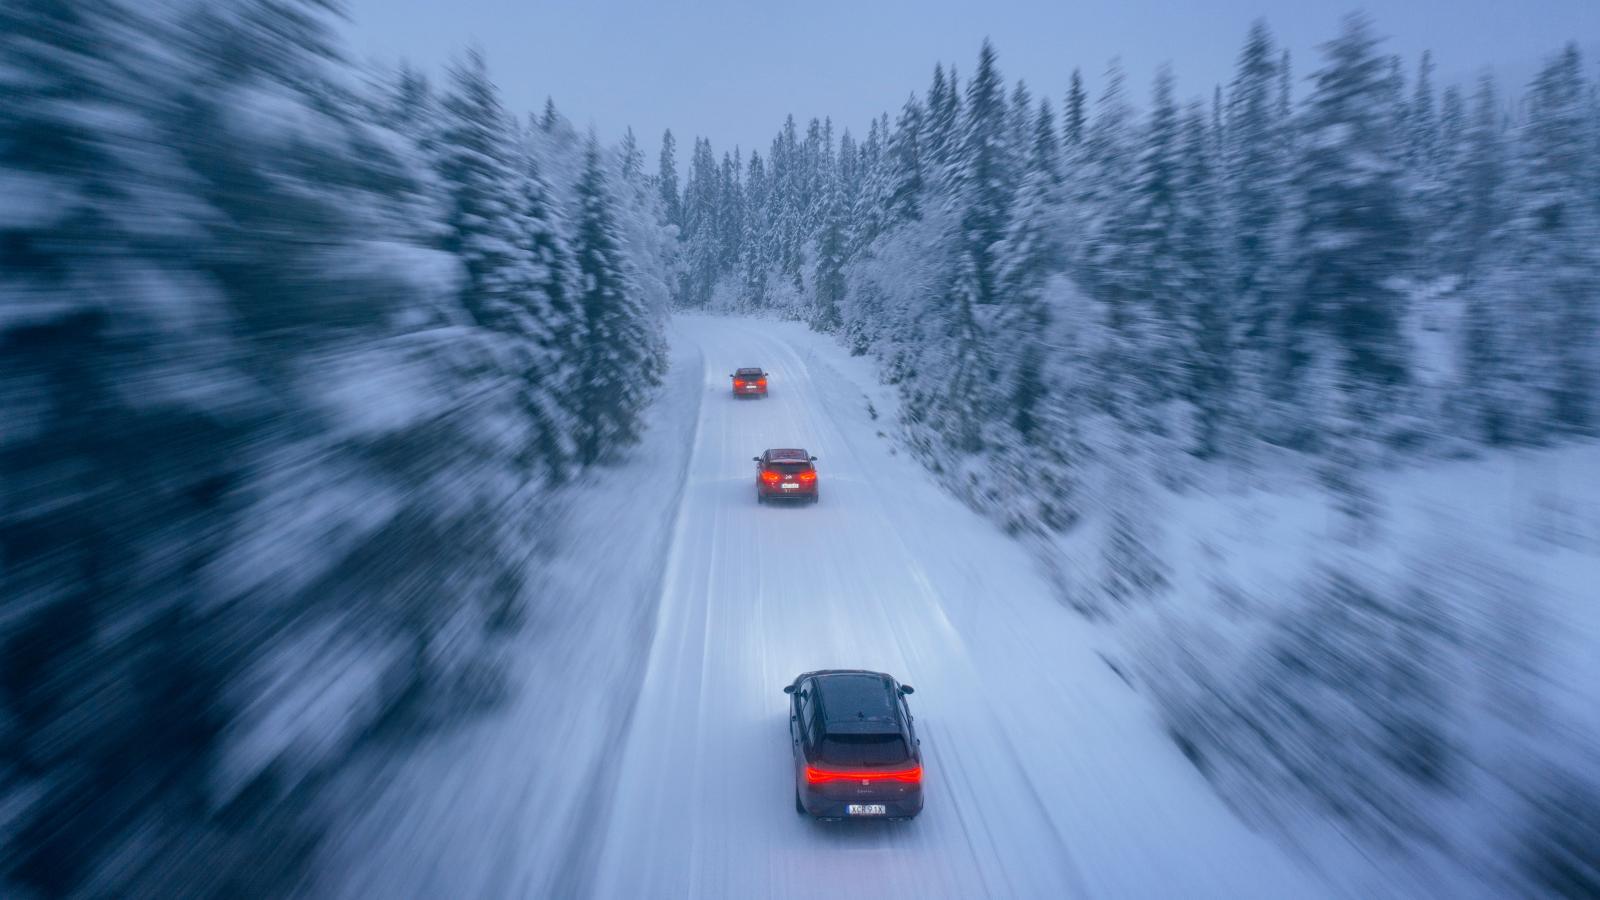 På de snörika småvägarna intill Dalafjällen sladdar spanjoren sist i klungan. Den trivs inte på hala vintervägar. Golf rullar oberörd i täten. Hyundai ståtar med det effektivaste antispinnsystemet.